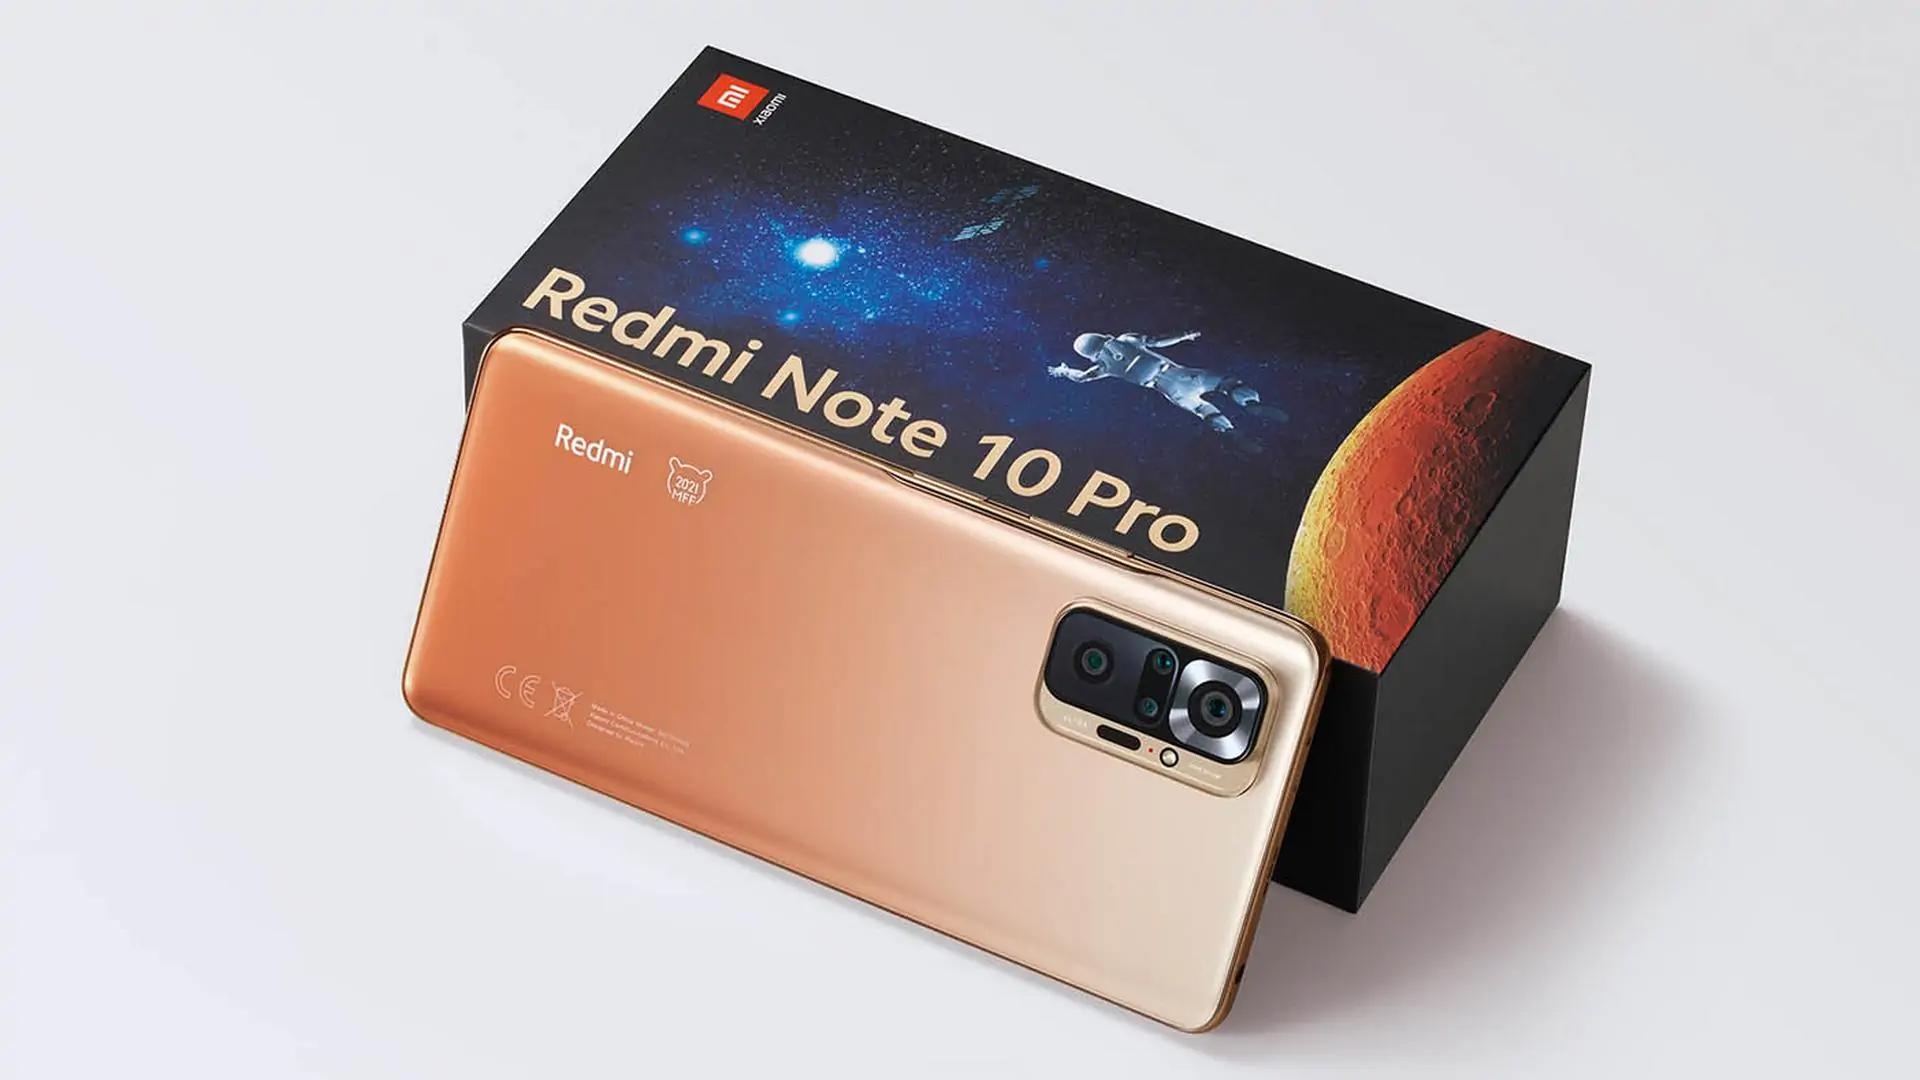 Xiaomi принесла Redmi Note 10 Pro в России новые возможности интерфейса